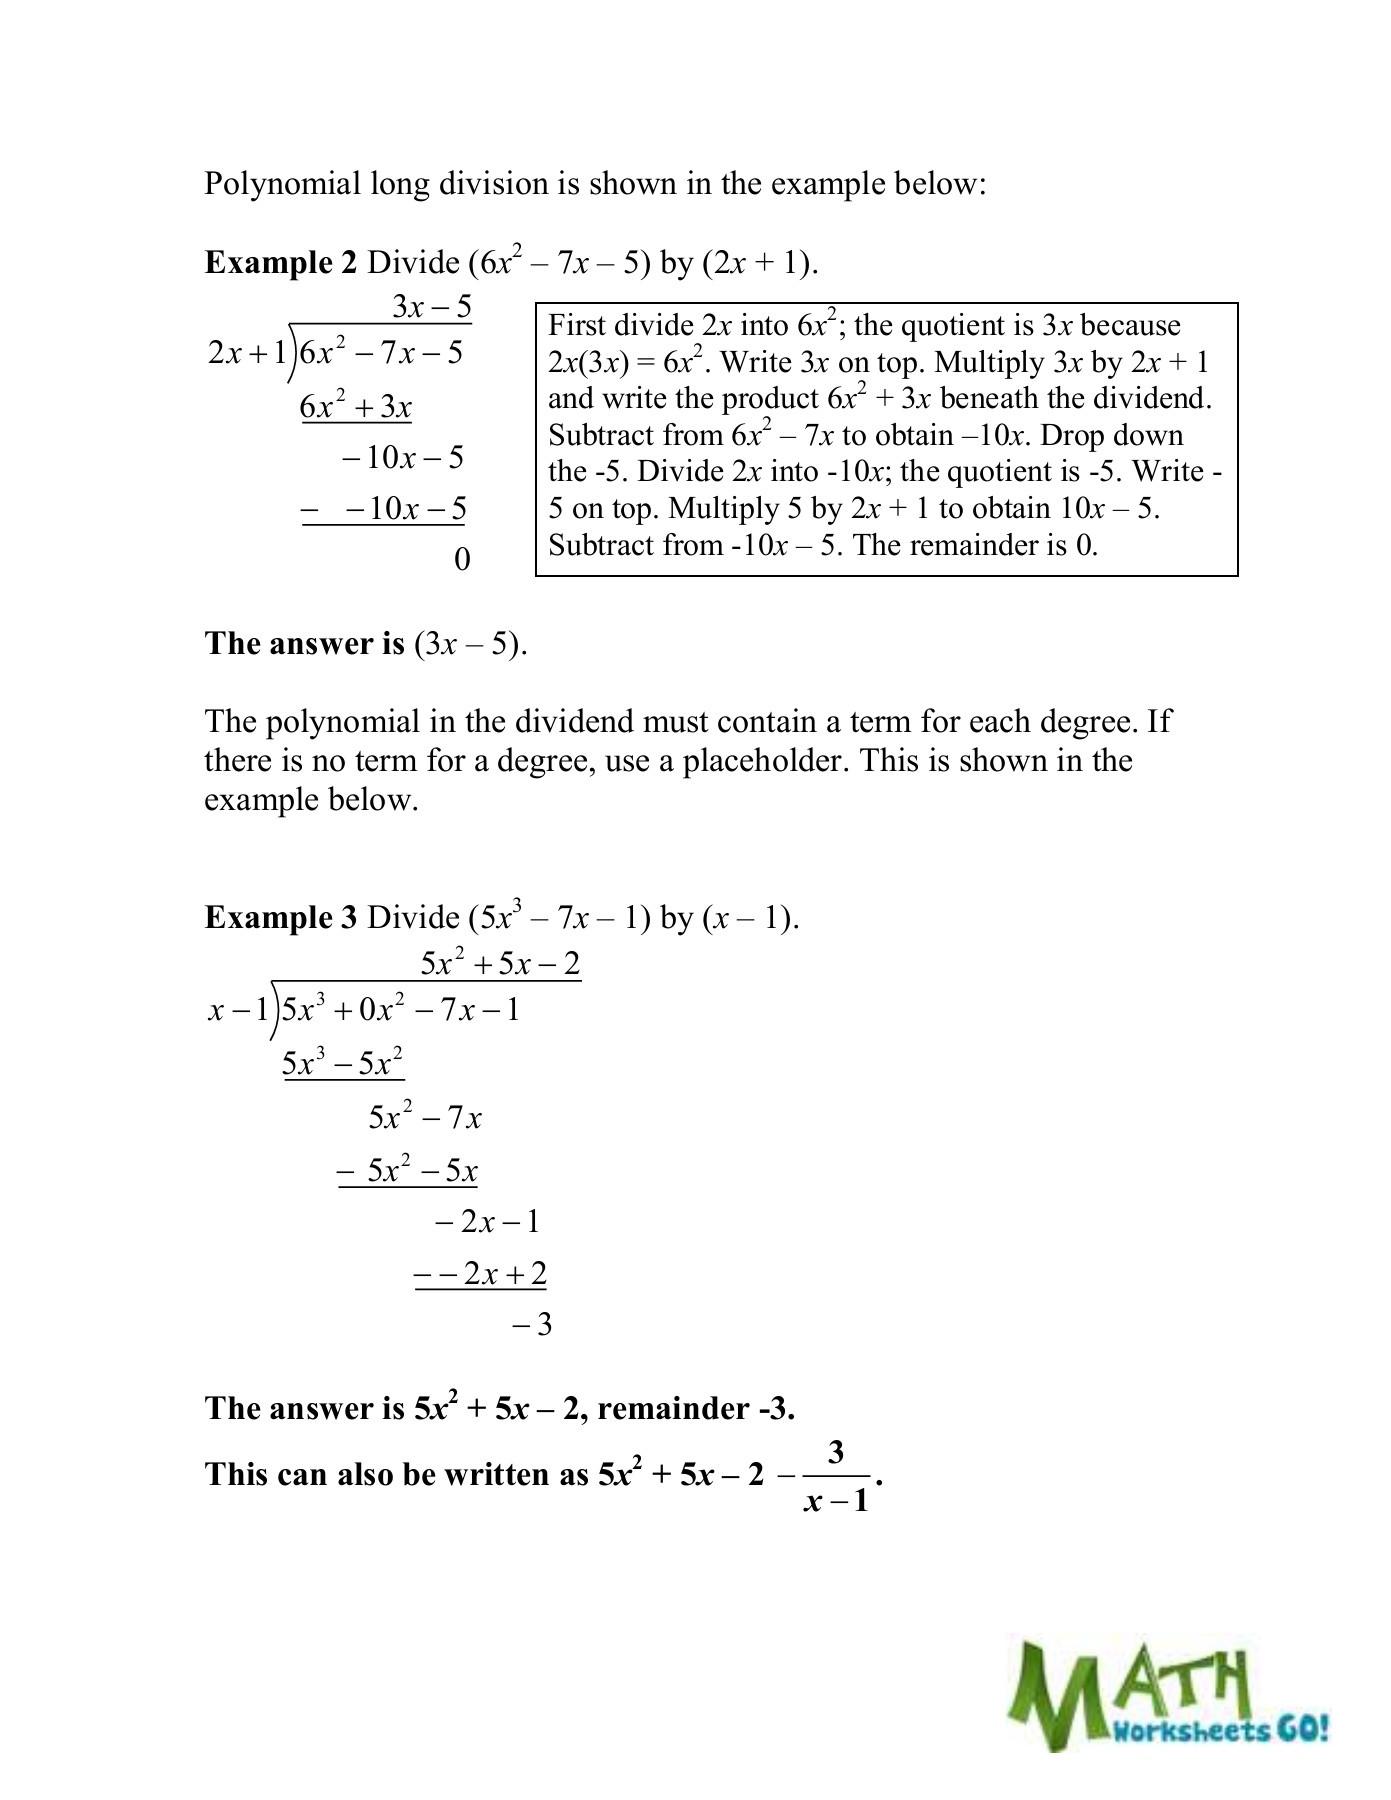 Polynomial Long Division Worksheet Dividing Polynomials Worksheet